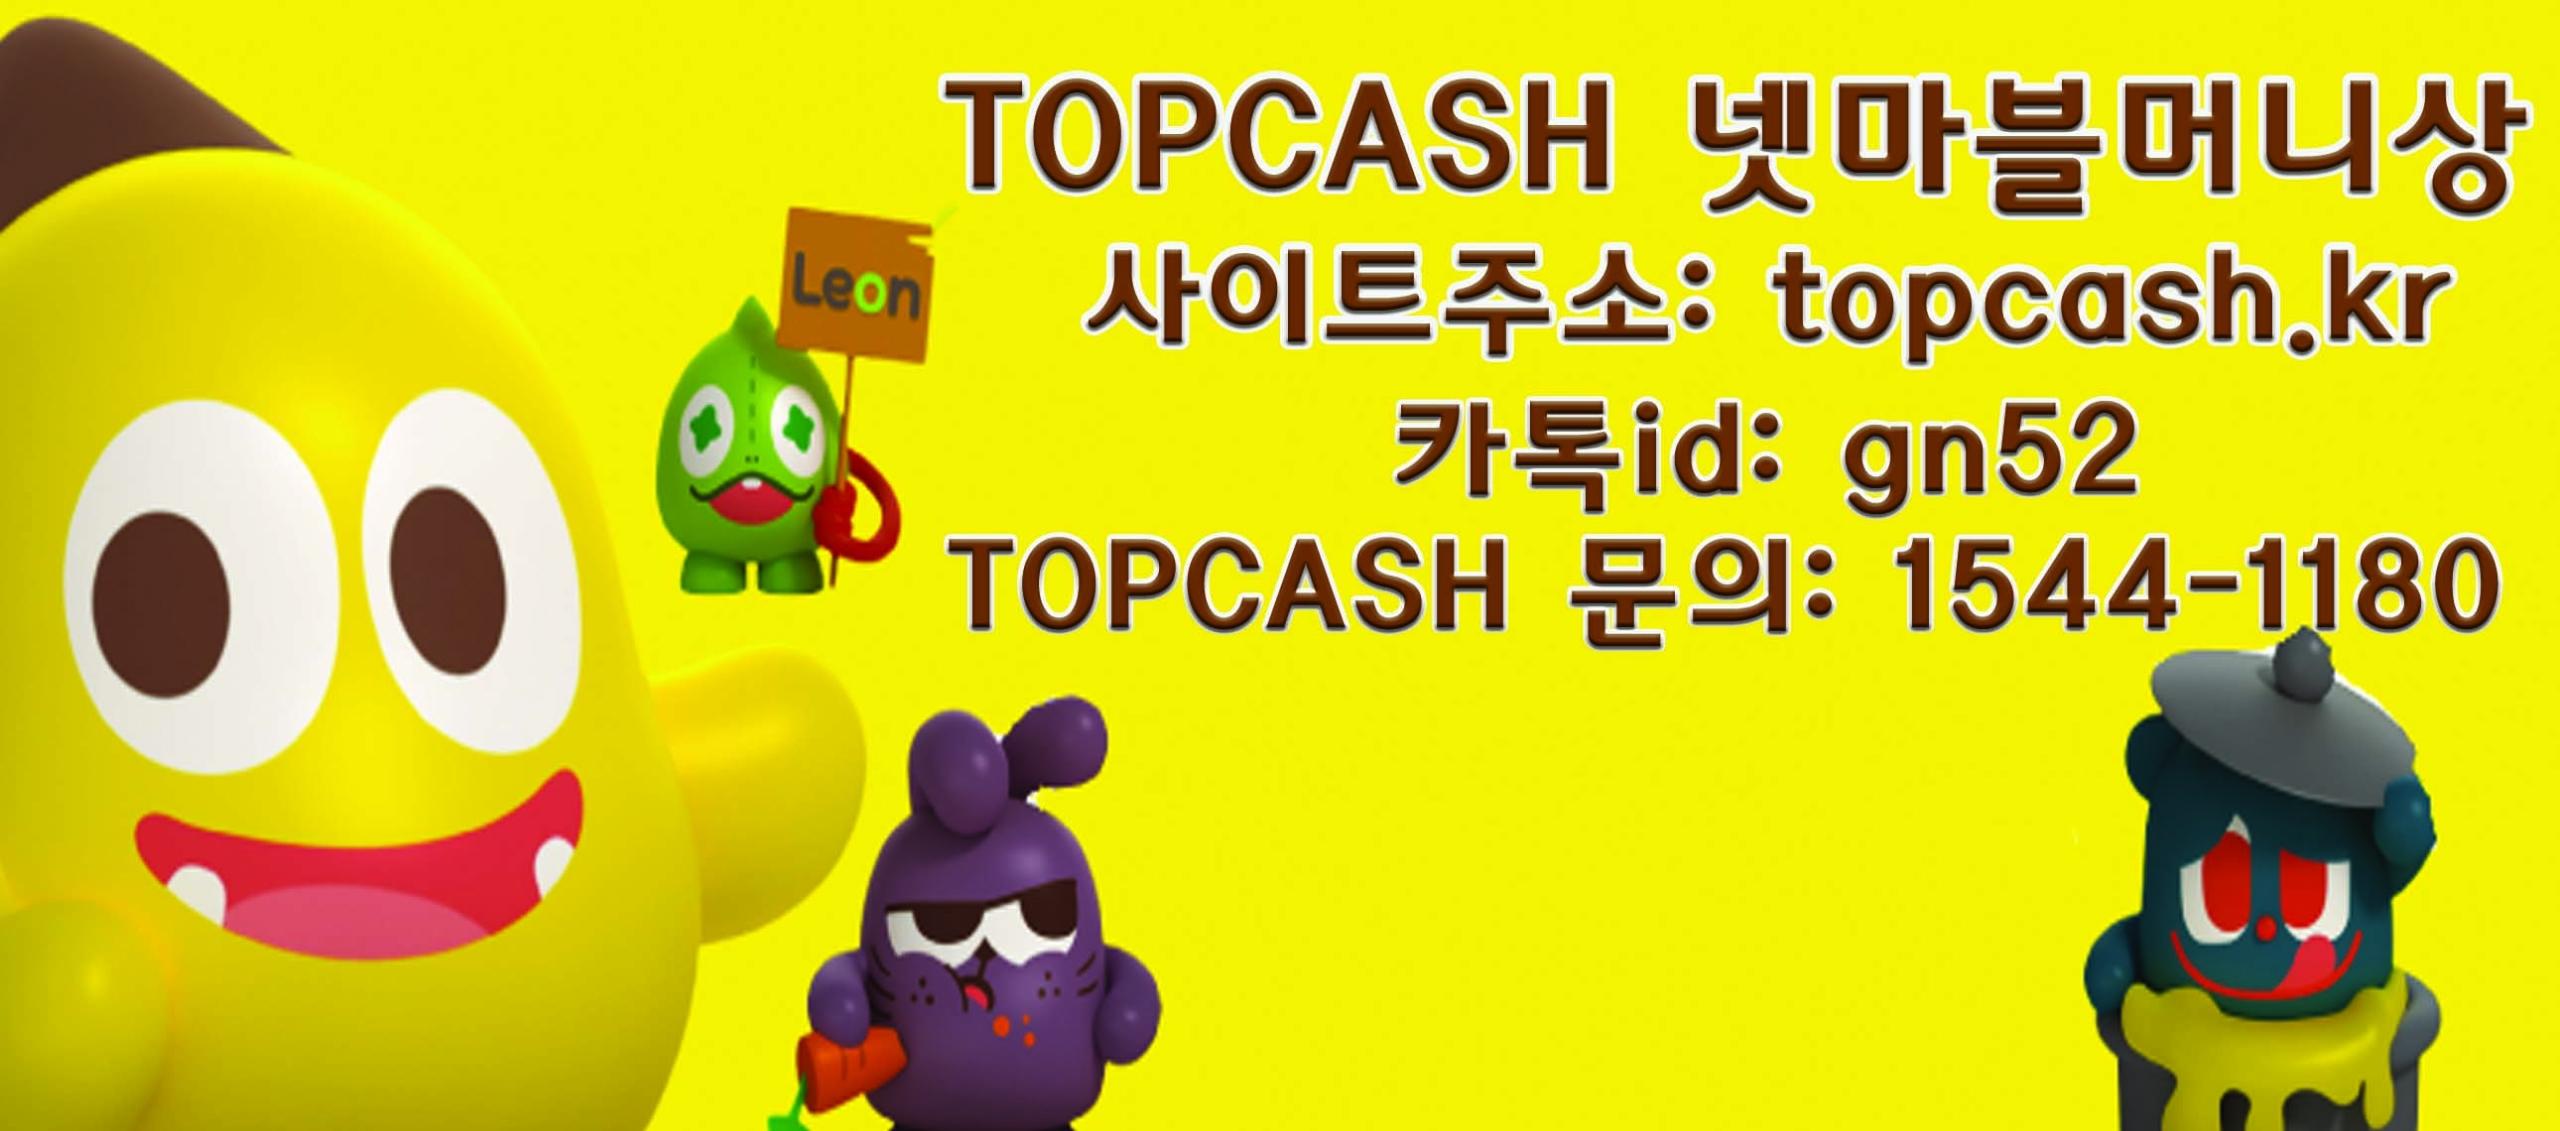 넷마블포커머니거래 TOPCASH닷kr (@sptakqmf33) Cover Image